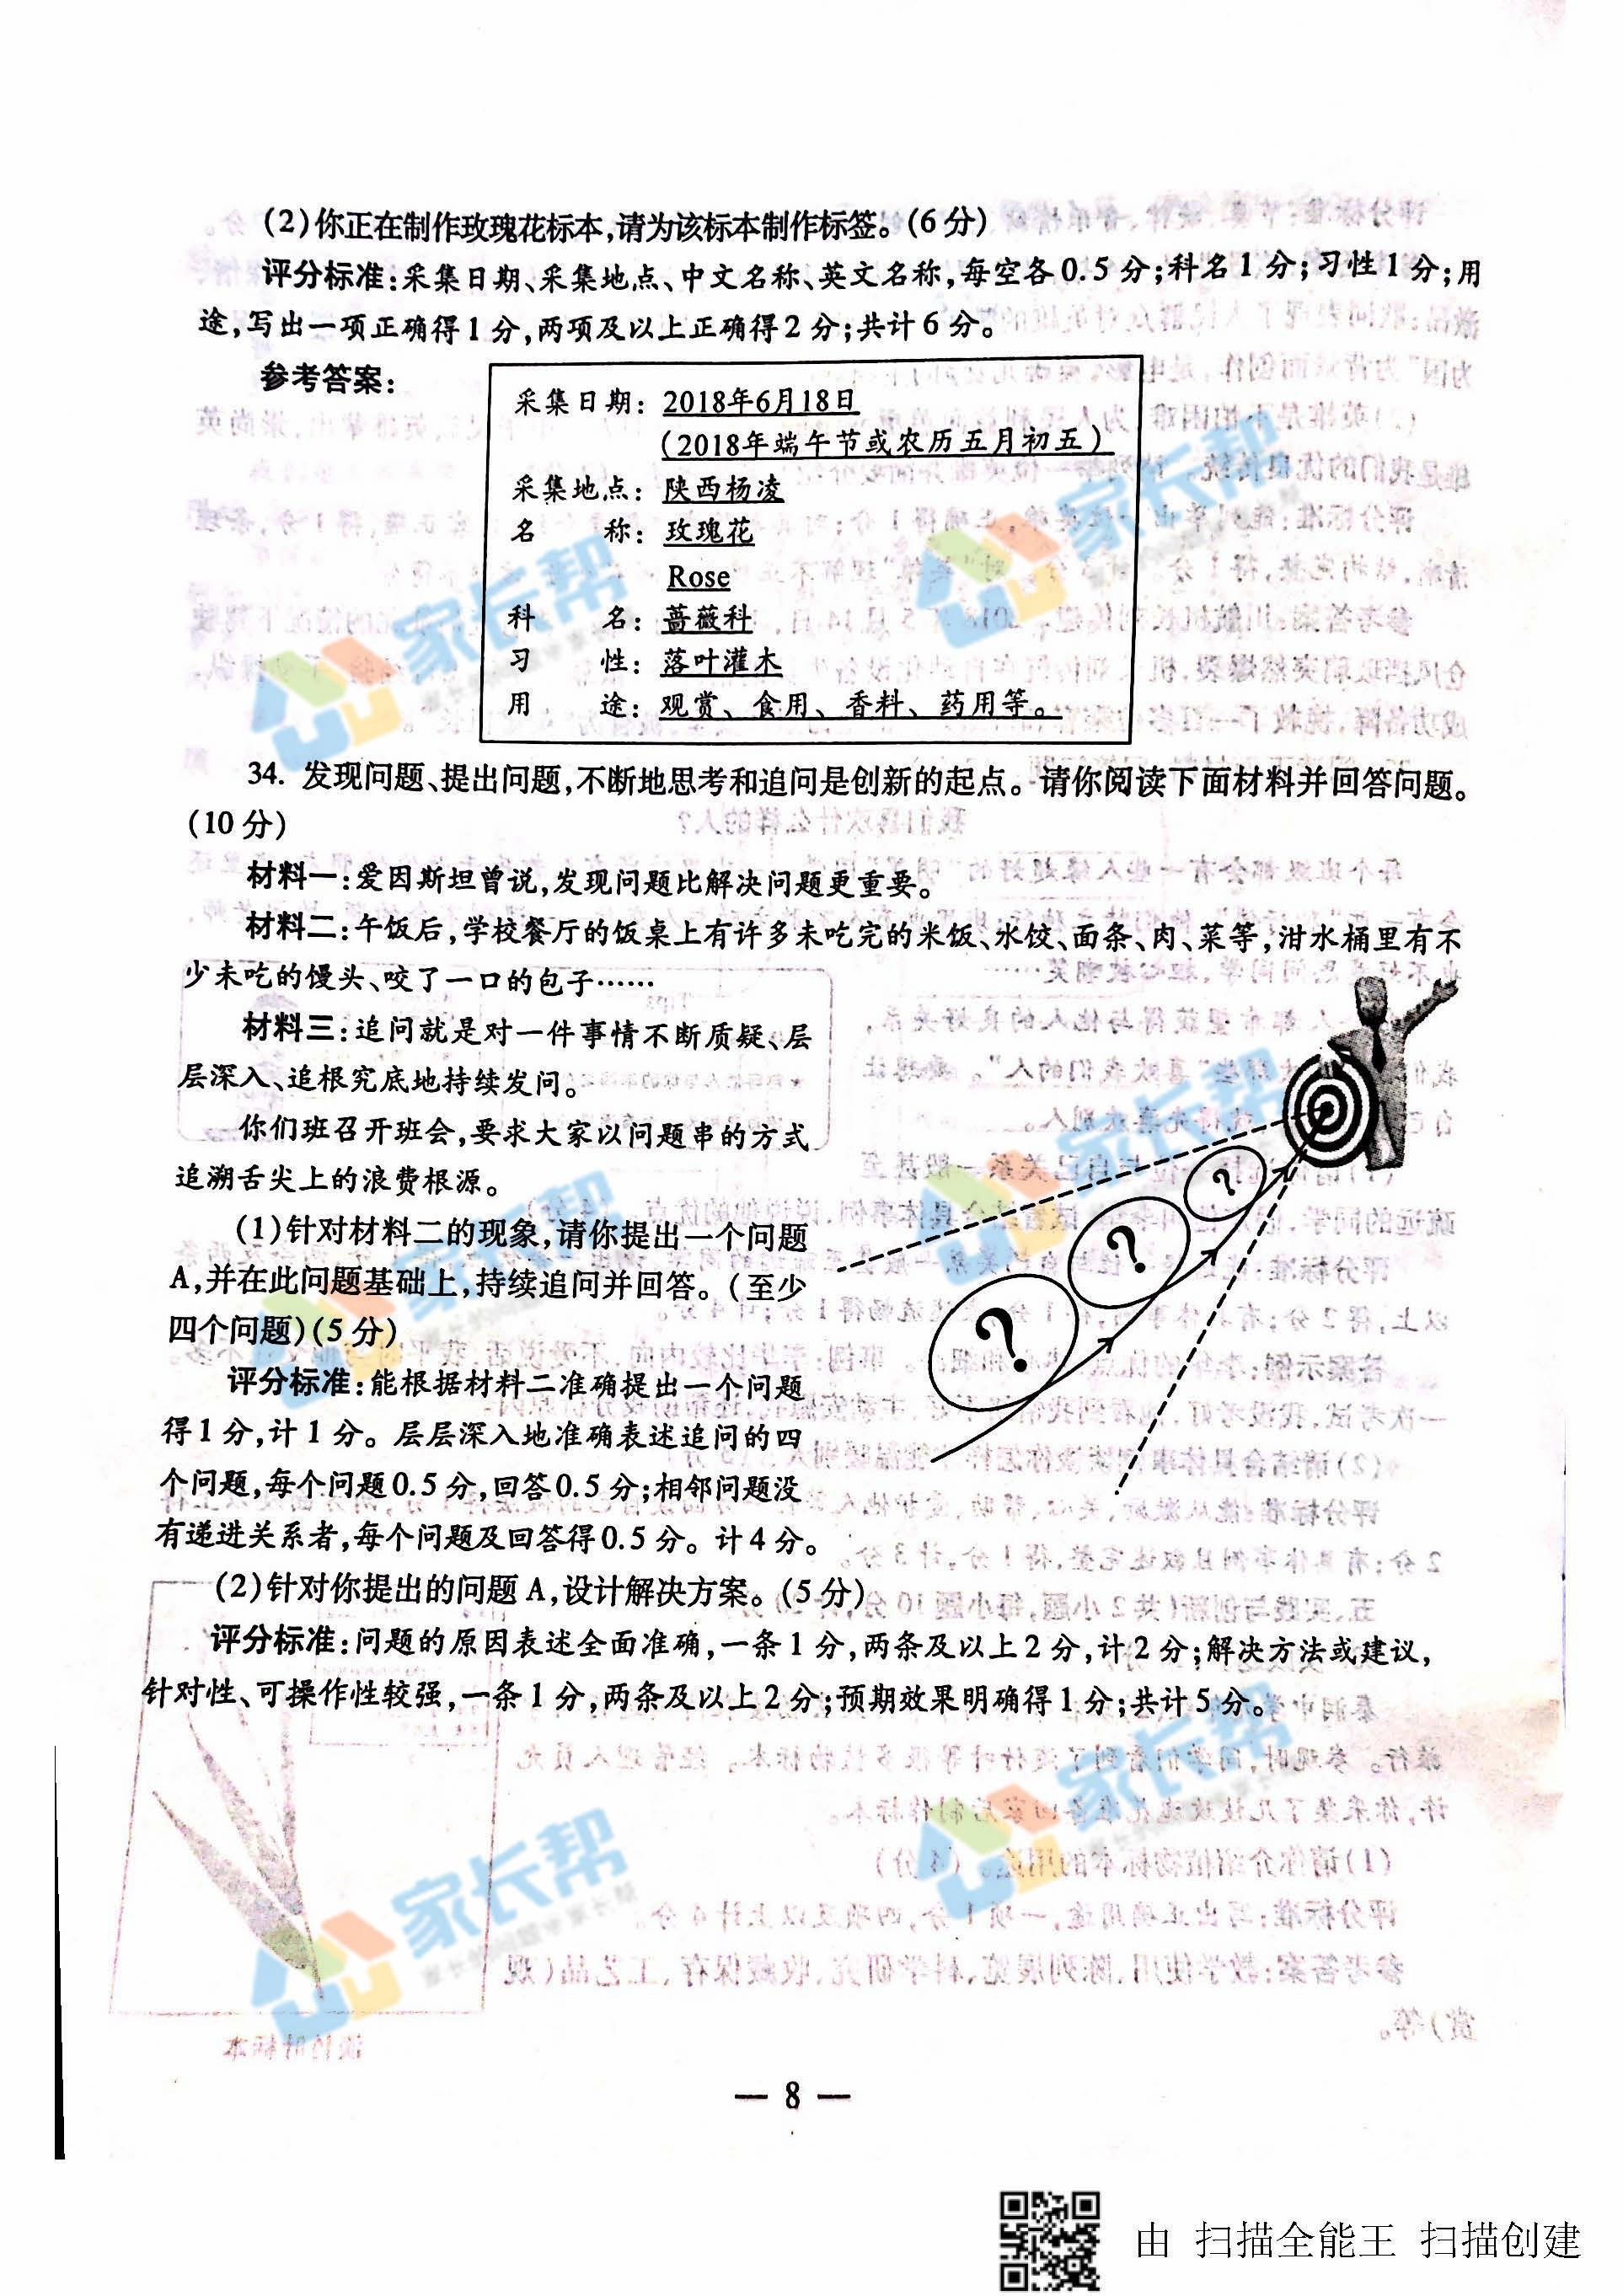 新文档 2018-06-28 18.48.51_20180628185014351_页面_8.jpg